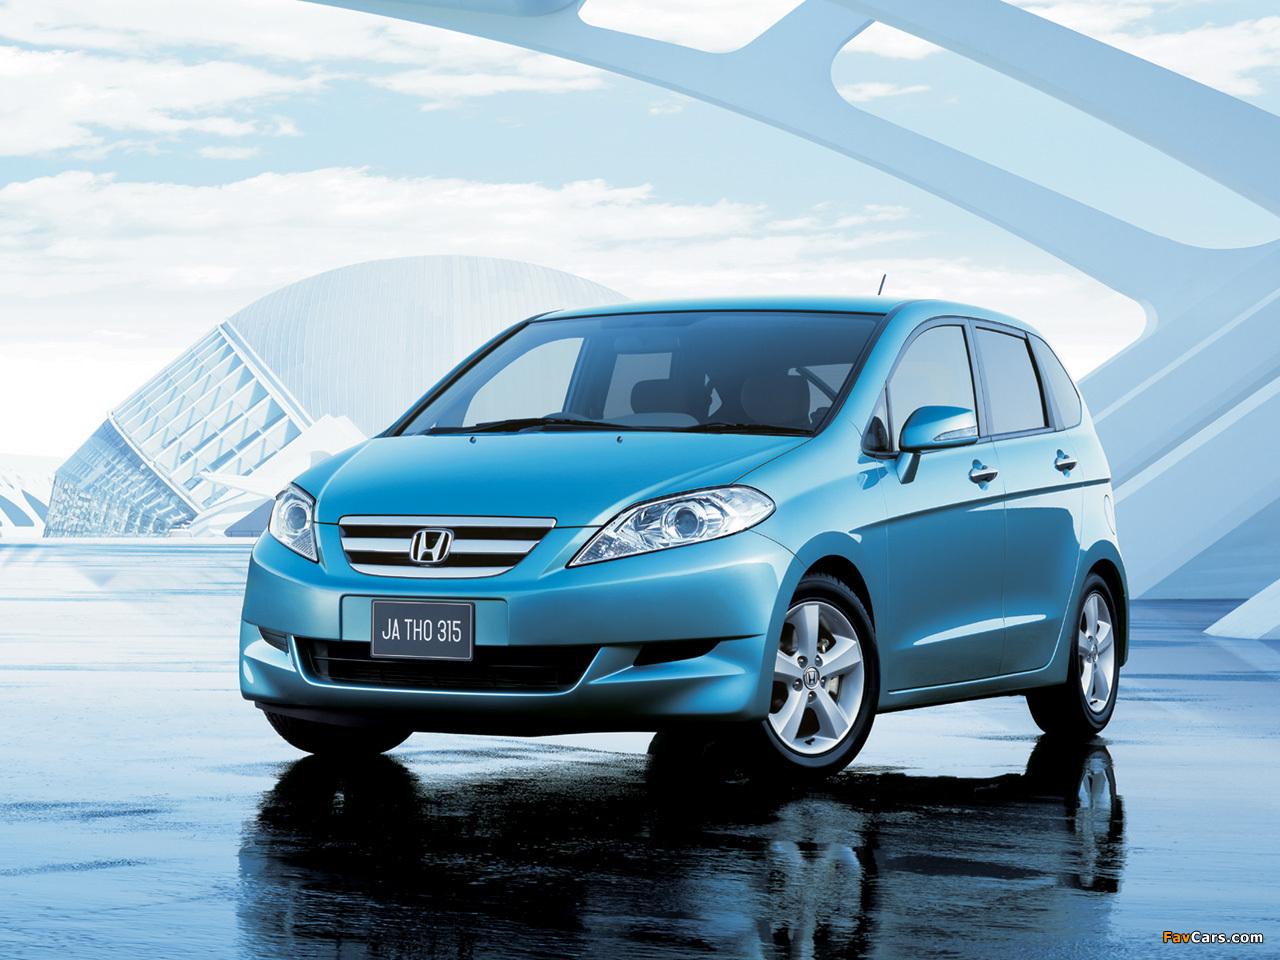 Images Of Honda Edix Be 2004 09 1280x960